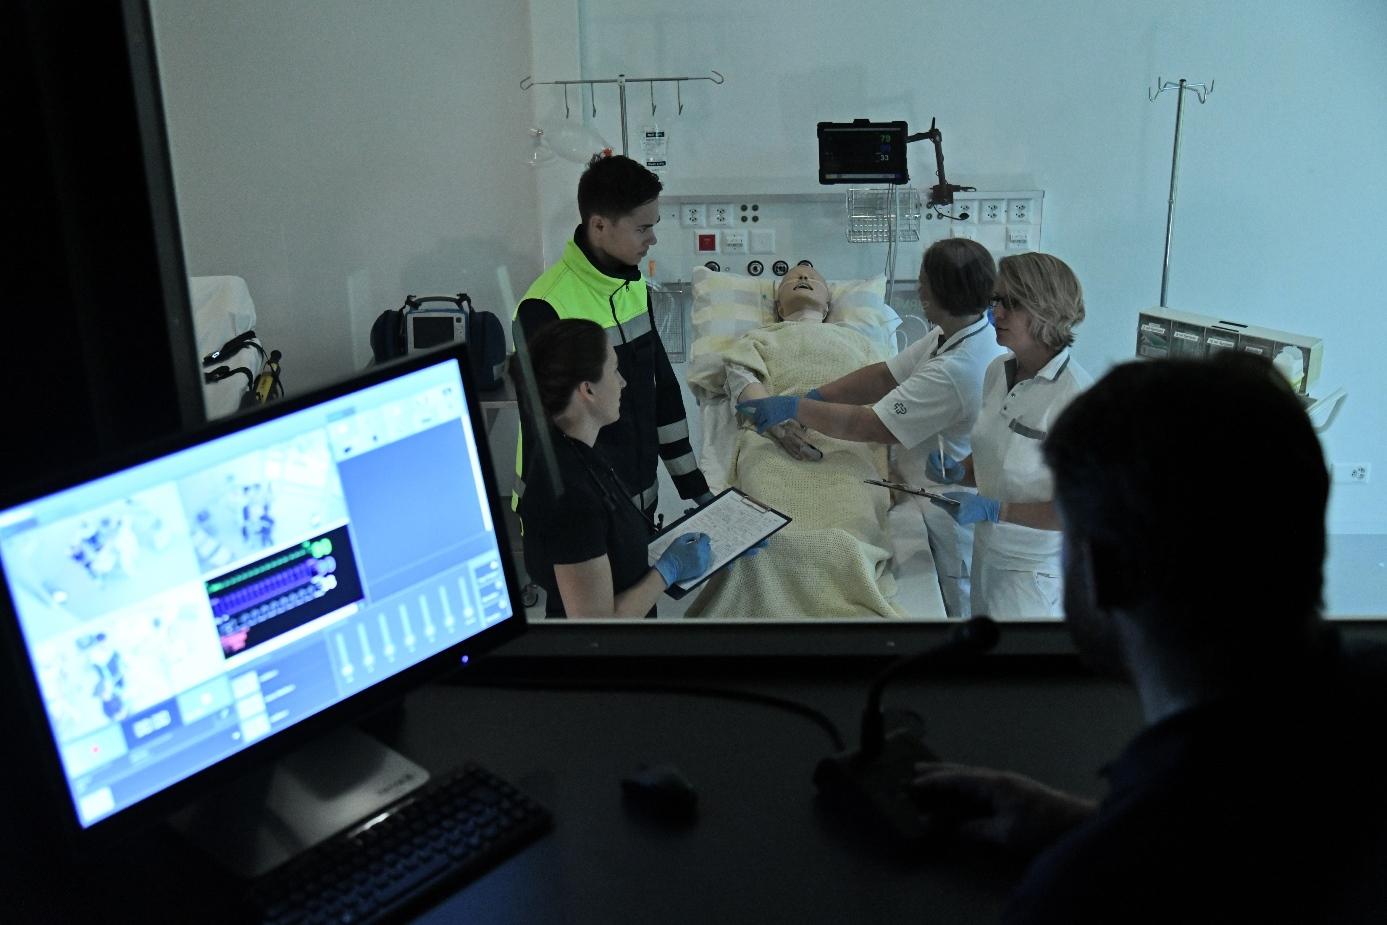 Schockraum Training Sirmed SimCenter